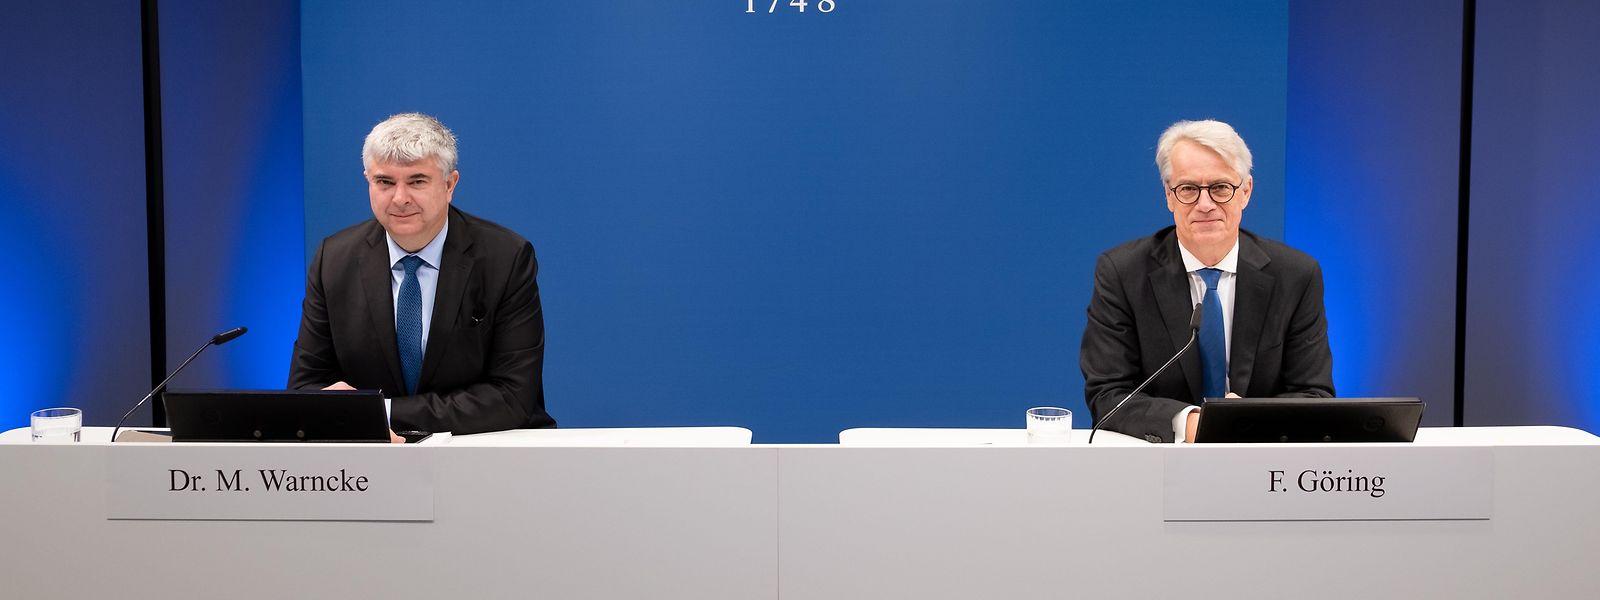 Markus Warncke (links, Vorstand Finanzen) und Frank Göring (Vorstandsvorsitzender) präsentieren das Ergebnis des Geschäftsjahres 2020 der Villeroy & Boch AG.